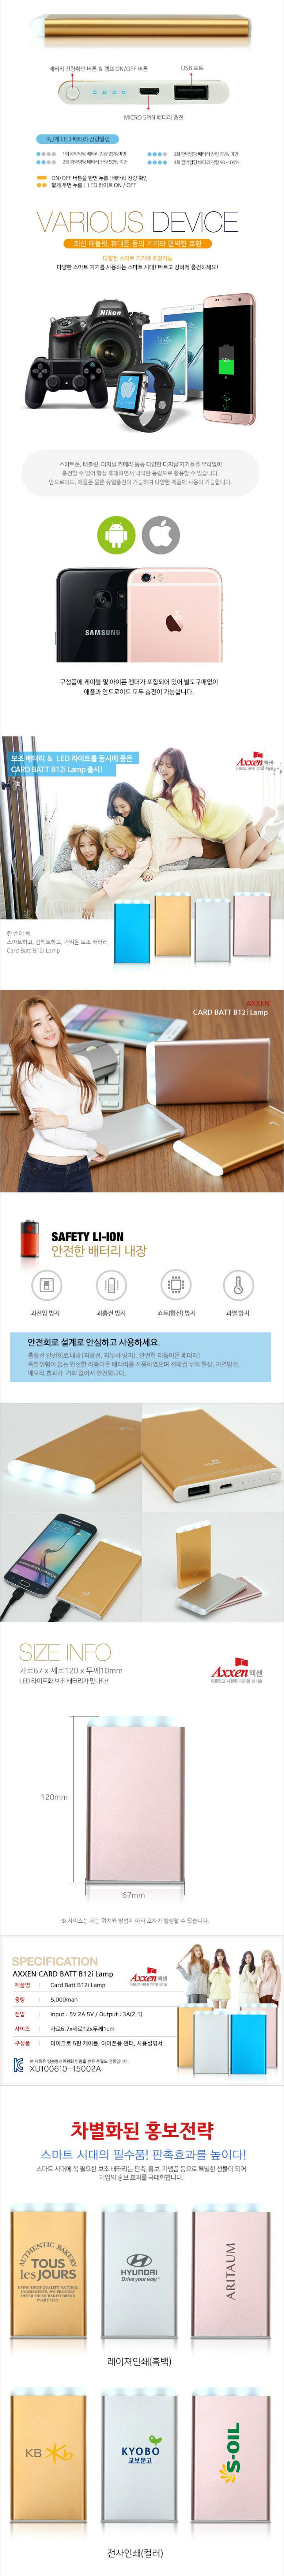 B12i Lamp_2.jpg